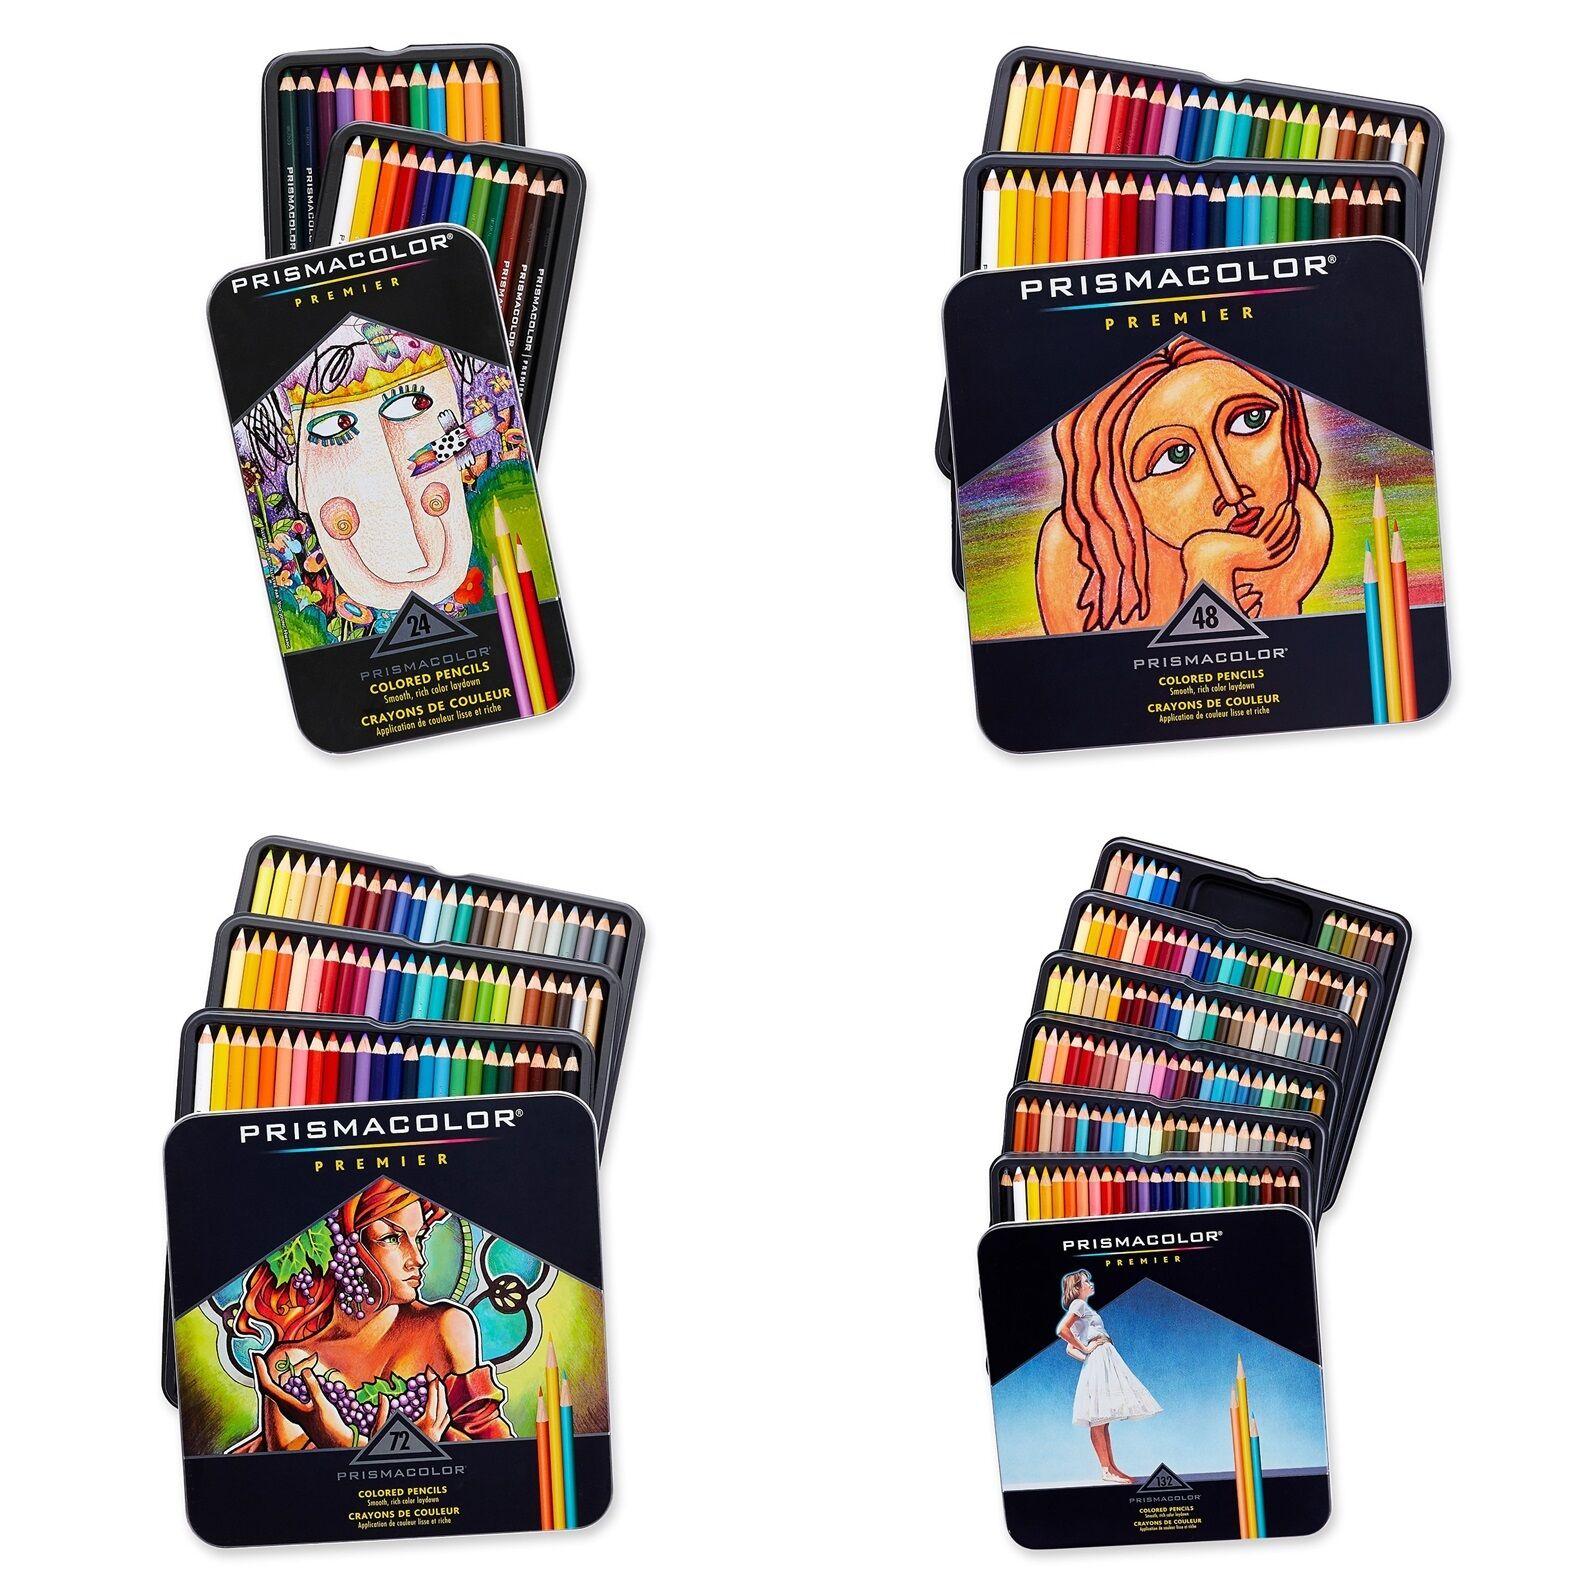 Prismacolor Premier Colored Pencils Soft Core, 24, 48, 72, 1